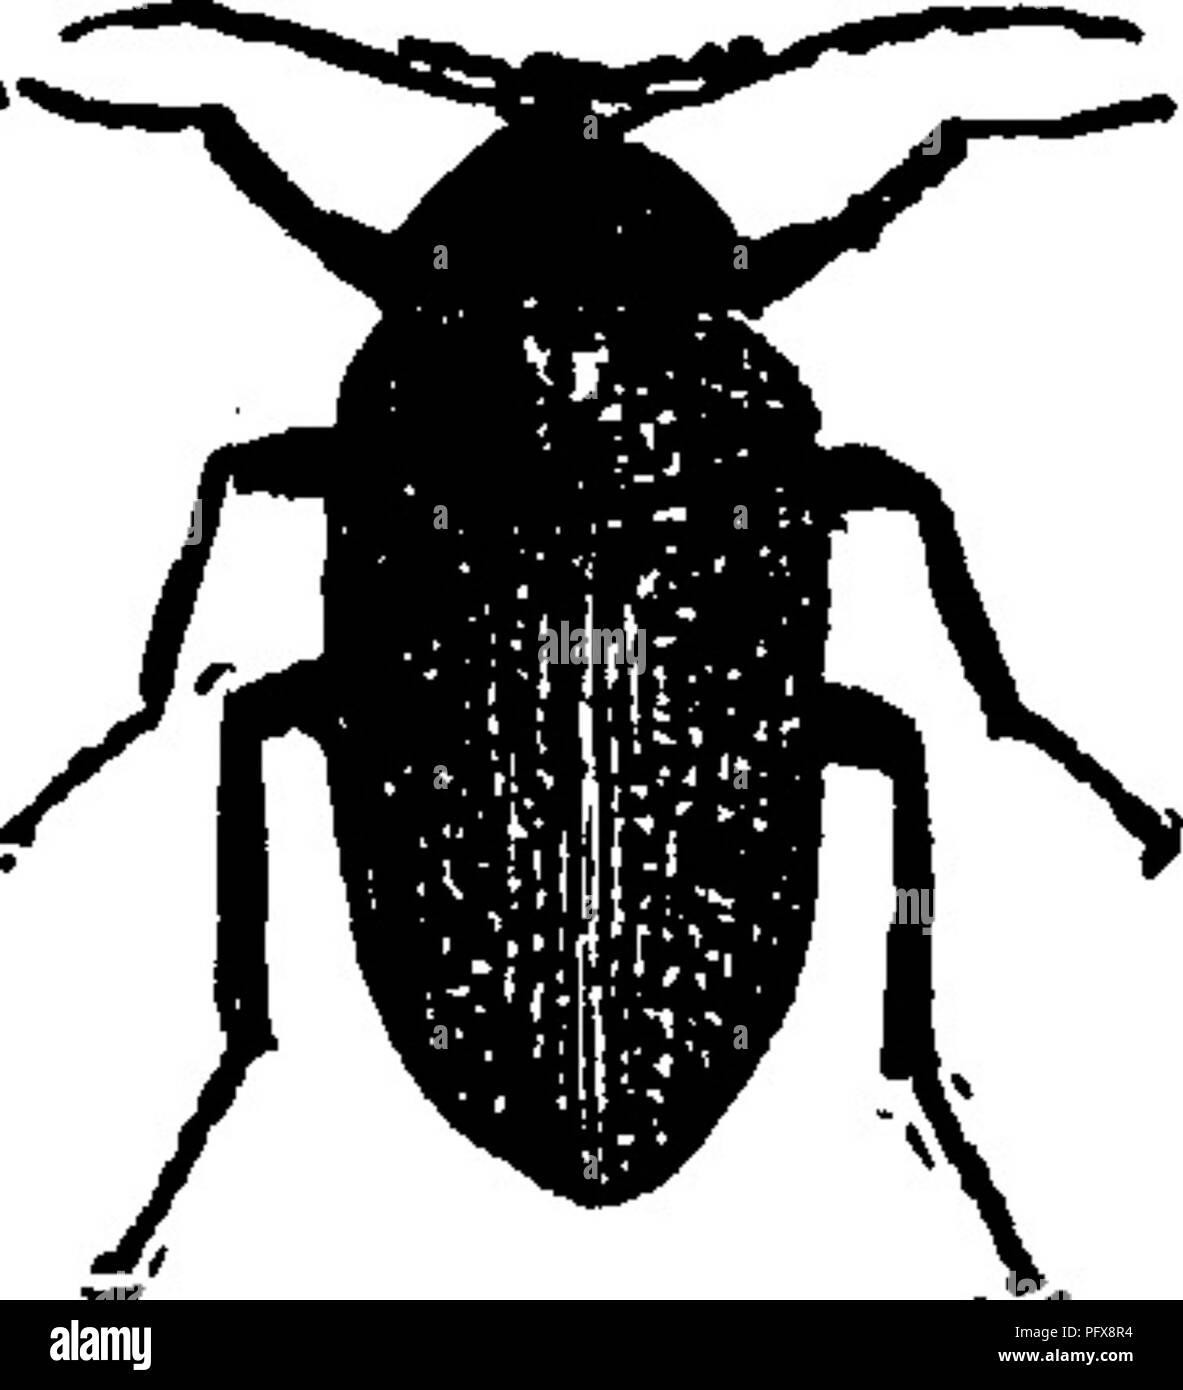 . Ein Handbuch für die Untersuchung von Insekten. Insekten. COLEOPTERA, 585 Arten. Sie sind klein, schwarz, oval, heteromerous Käfer, in dem der anterioren coxal Hohlräume sind offen hinter; und, in denen die Antennen sind in den Nuten auf der Unterseite des prothorax empfangen. Die Familie MELANDRYlDiE (Mel-eine-dry i-dae) umfasst rund 60 Arten in Nordamerika. Diese sind unter Rinde und in Pilzen gefunden. Sie sind in der Regel der länglichen Form, obwohl einige, wie das hier dargestellt, sind nicht so. Der oberkiefer Palpen sind häufig sehr lange und viel geweitet, und das erste Segment des Hind tarsi ist immer muc Stockbild